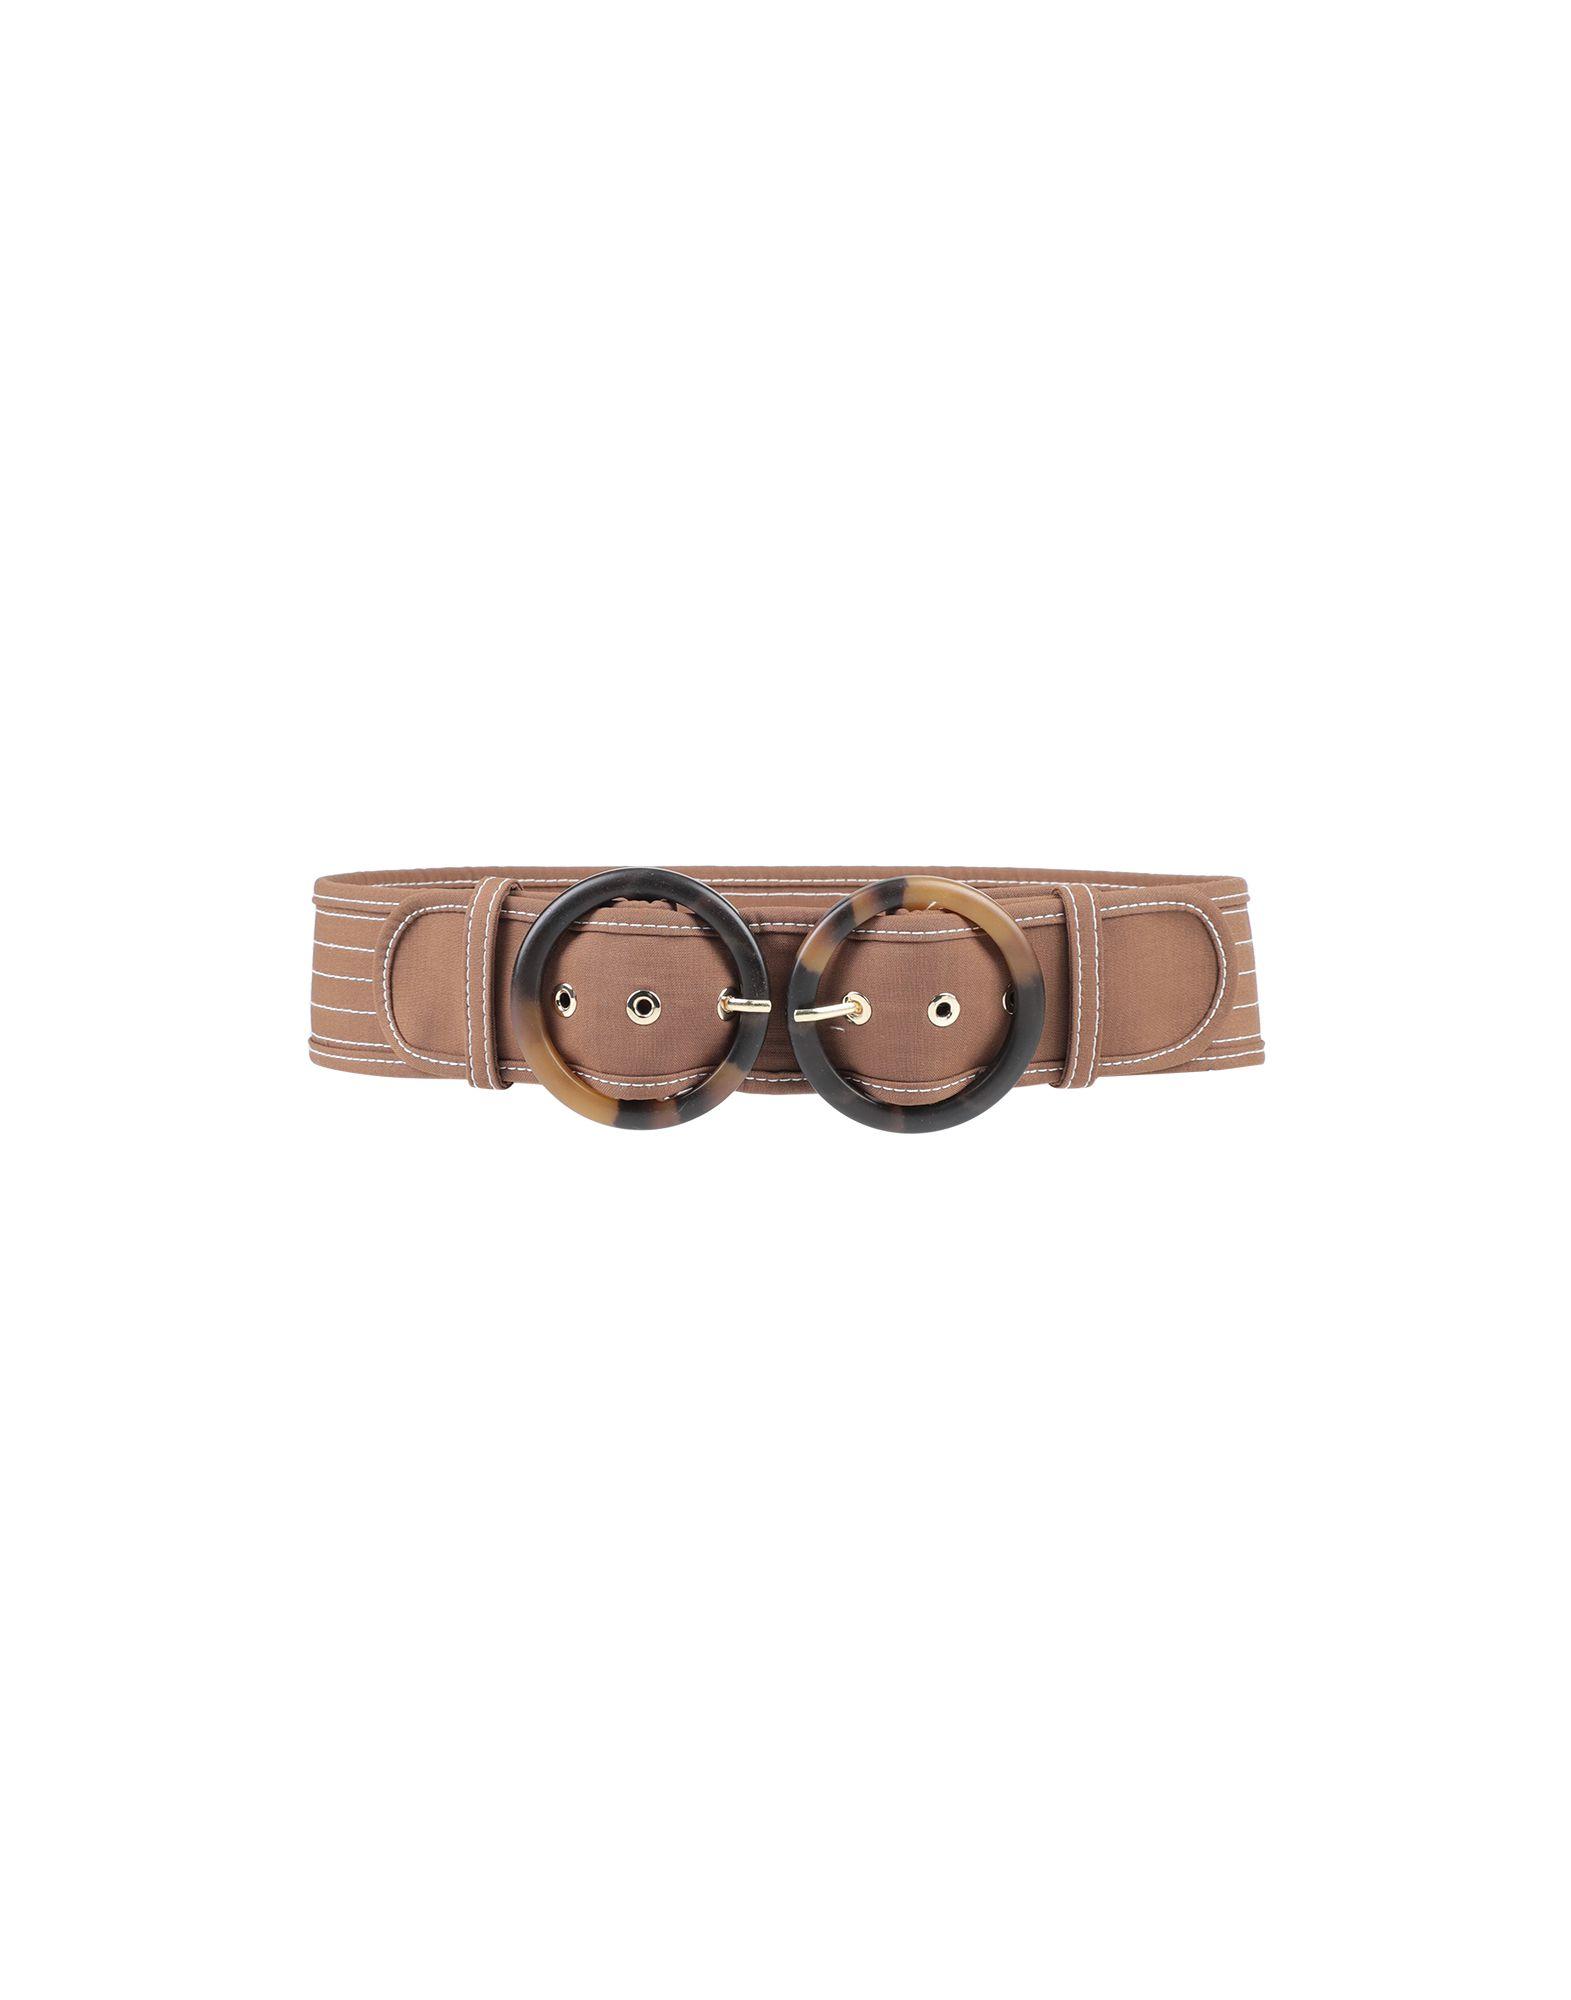 ZIMMERMANN Belts. plain weave, no appliqués, buckle fastening, fully lined, wide. Textile fibers